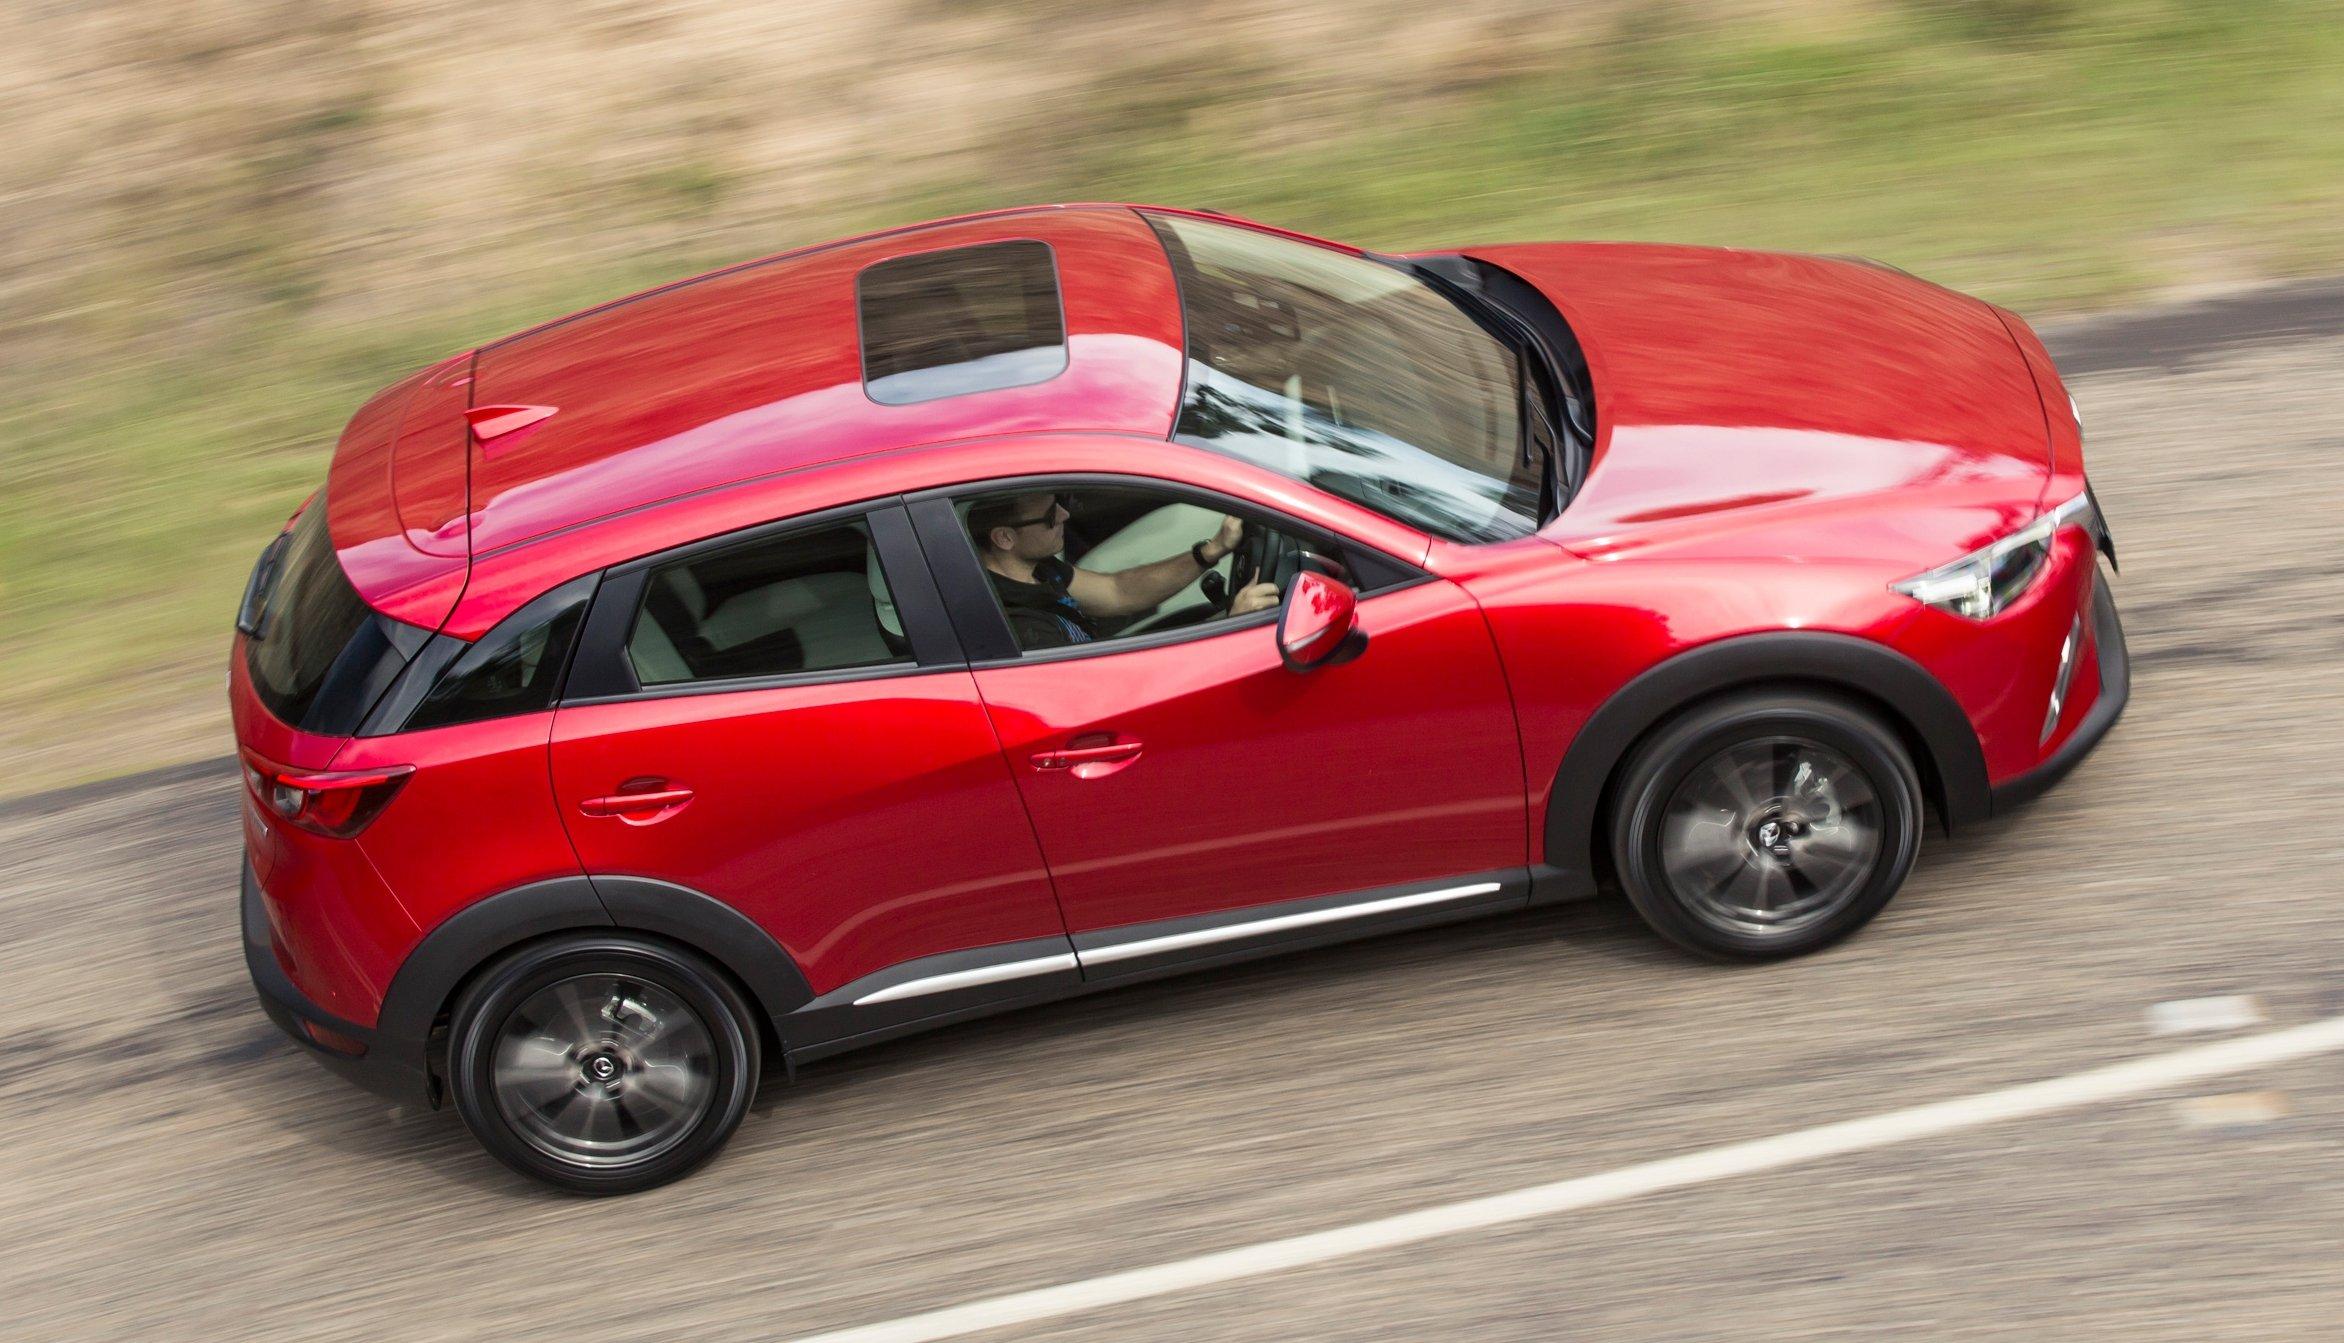 Mazda Cx 3 >> GALLERY: Mazda CX-3 – Australia gets four grades Paul Tan - Image 319554